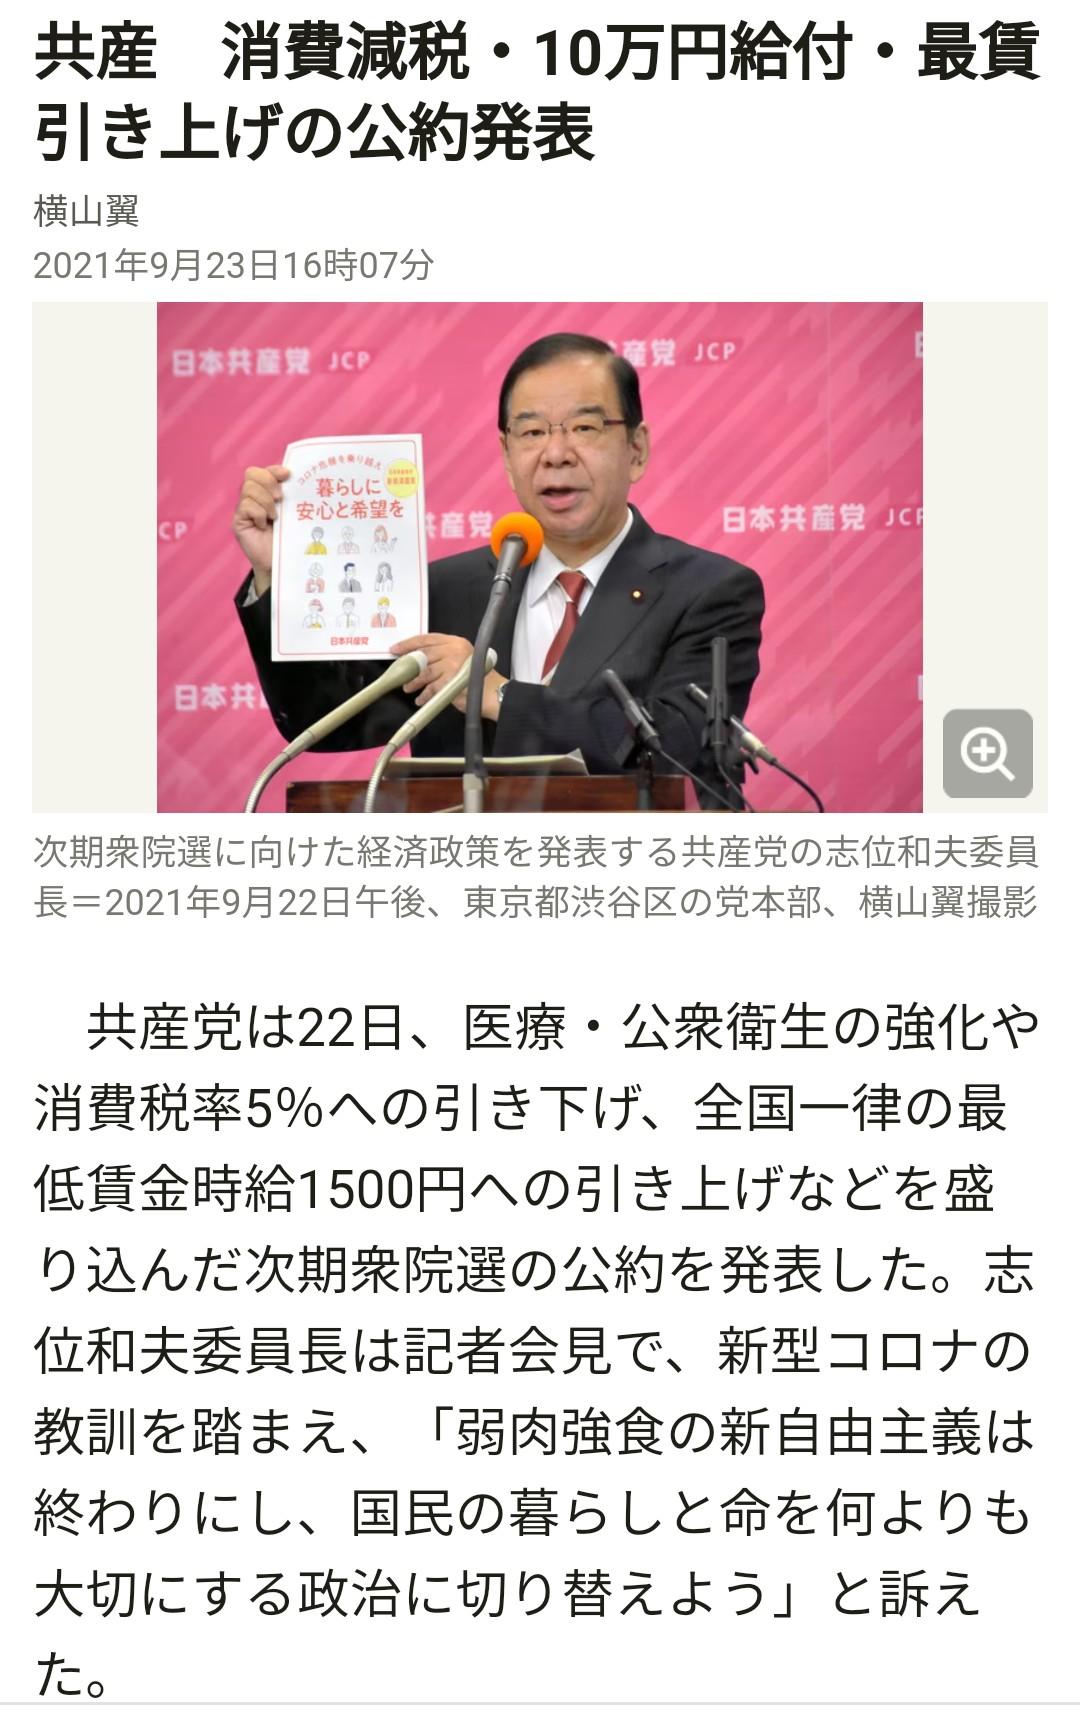 【総裁選】誰が総理になっても年金の未来は地獄か…河野以外(高市・岸田・野田)で「厚生年金、月9万減」の可能性